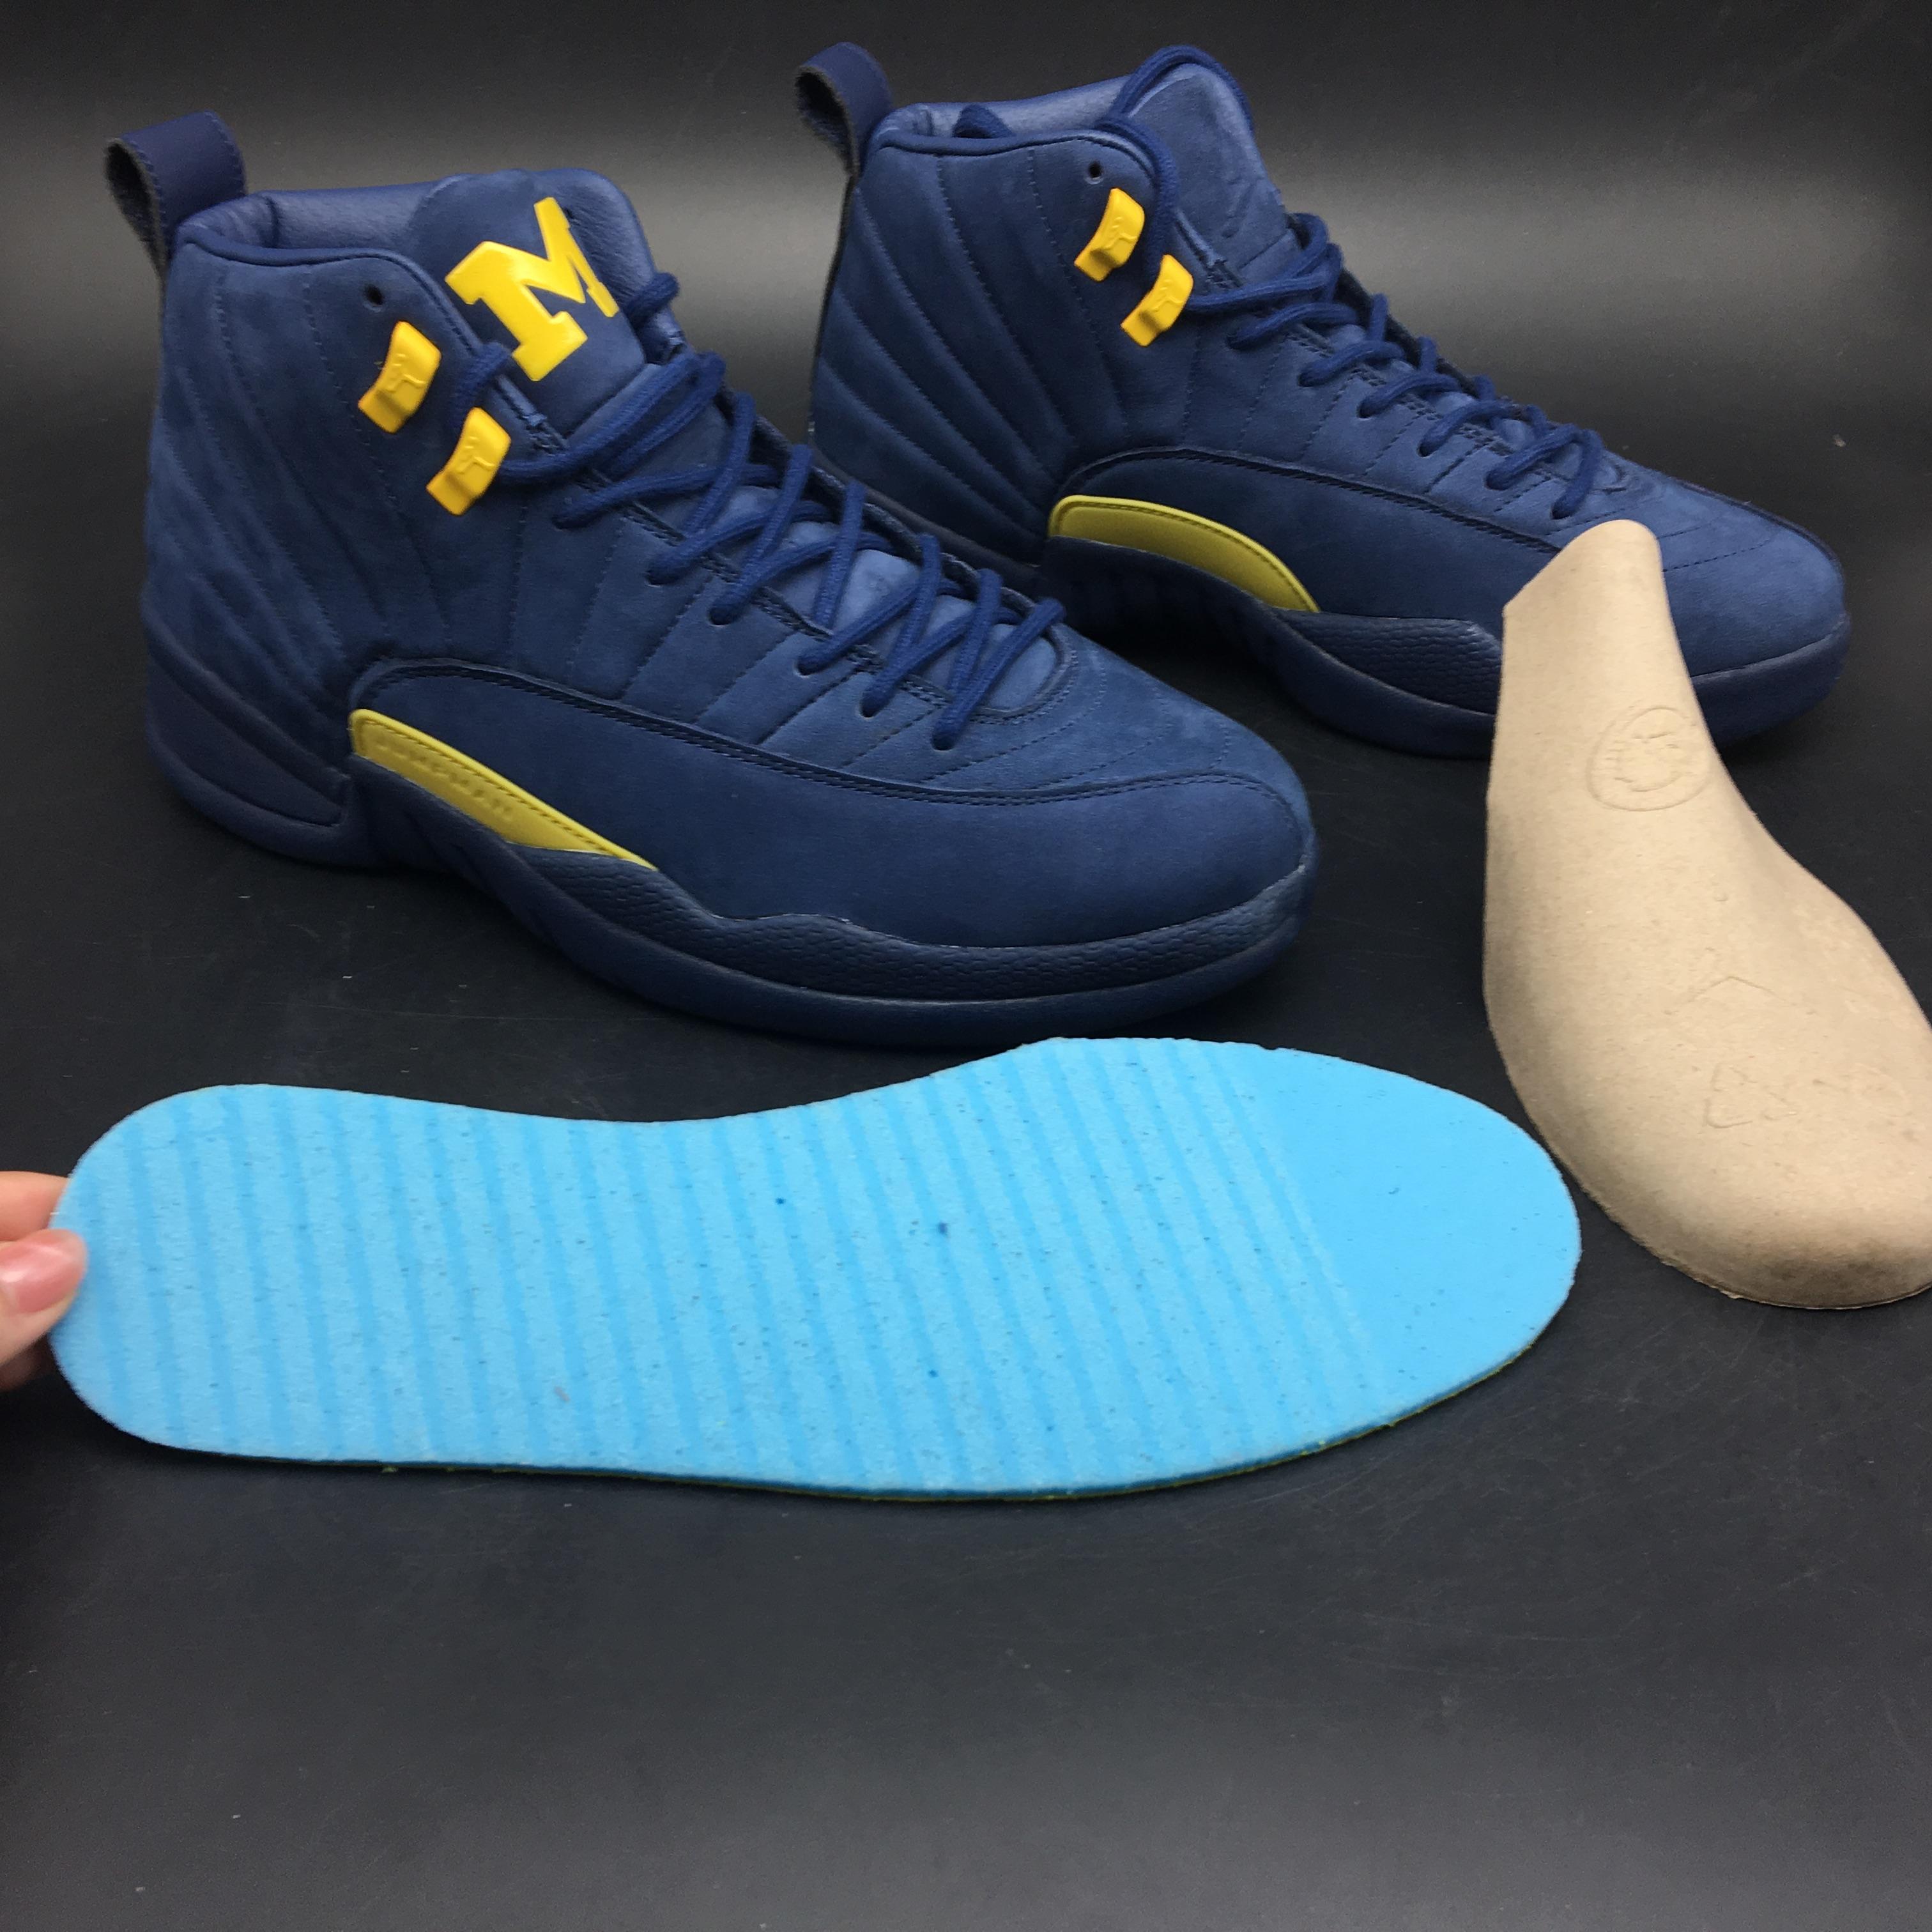 huge discount 2f1fb e1a58 New Air Jordan 12 Michigan Blue Yellow Shoes [18retro7505 ...